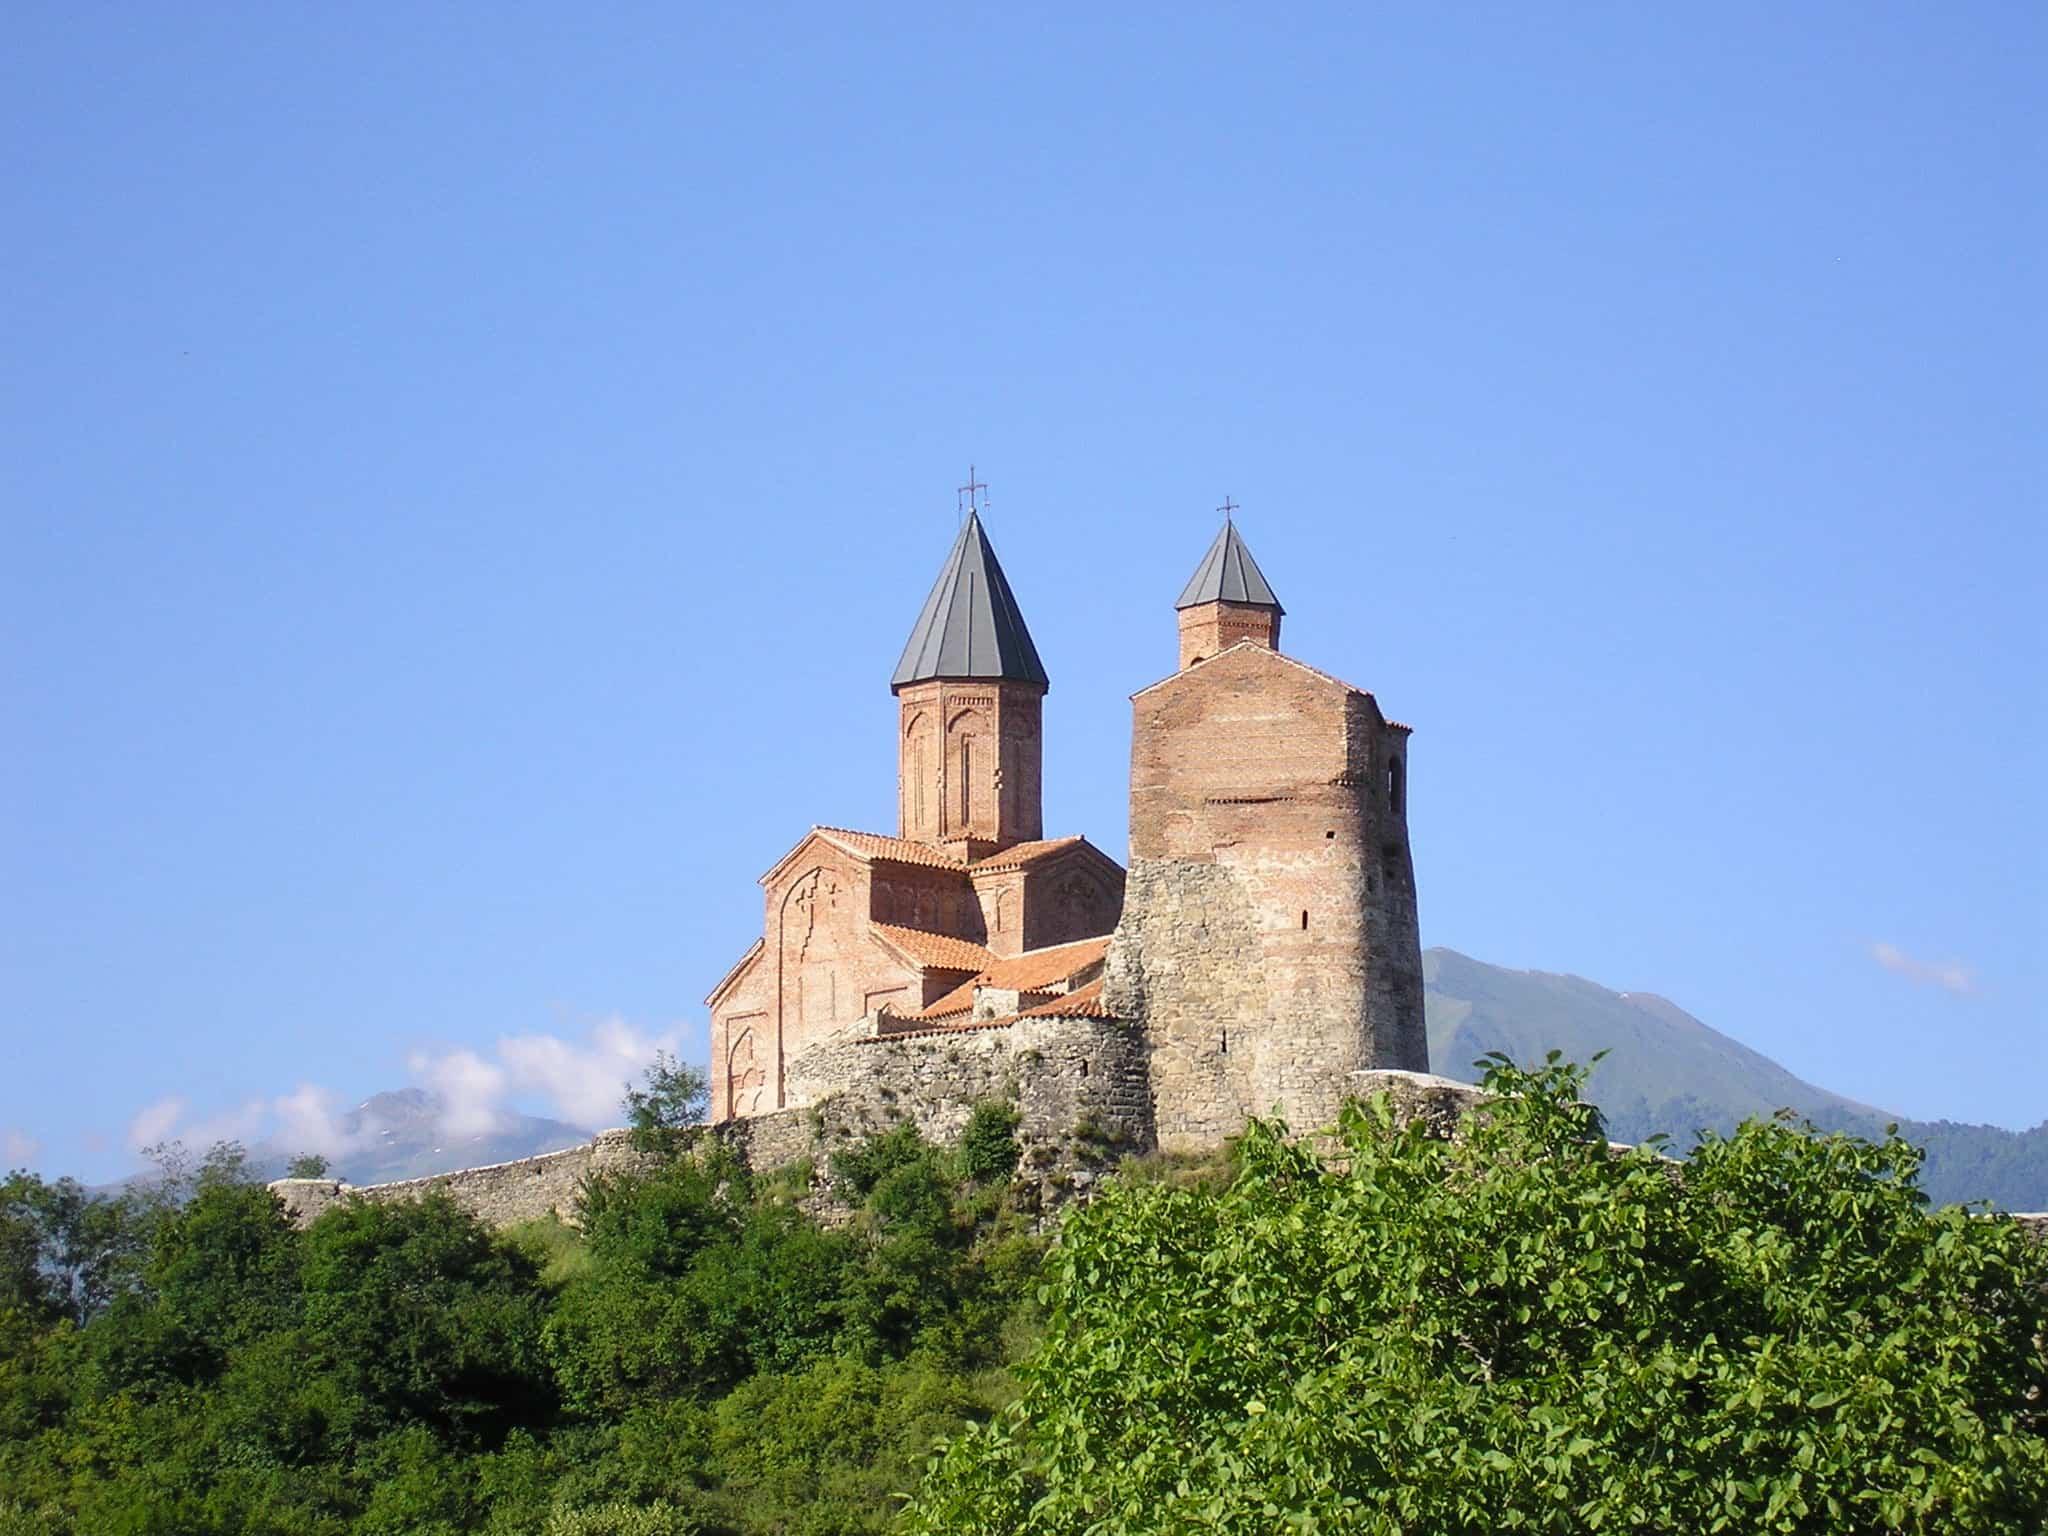 زيارة قلعة جريمي وكنيسة رؤساء الملائكة